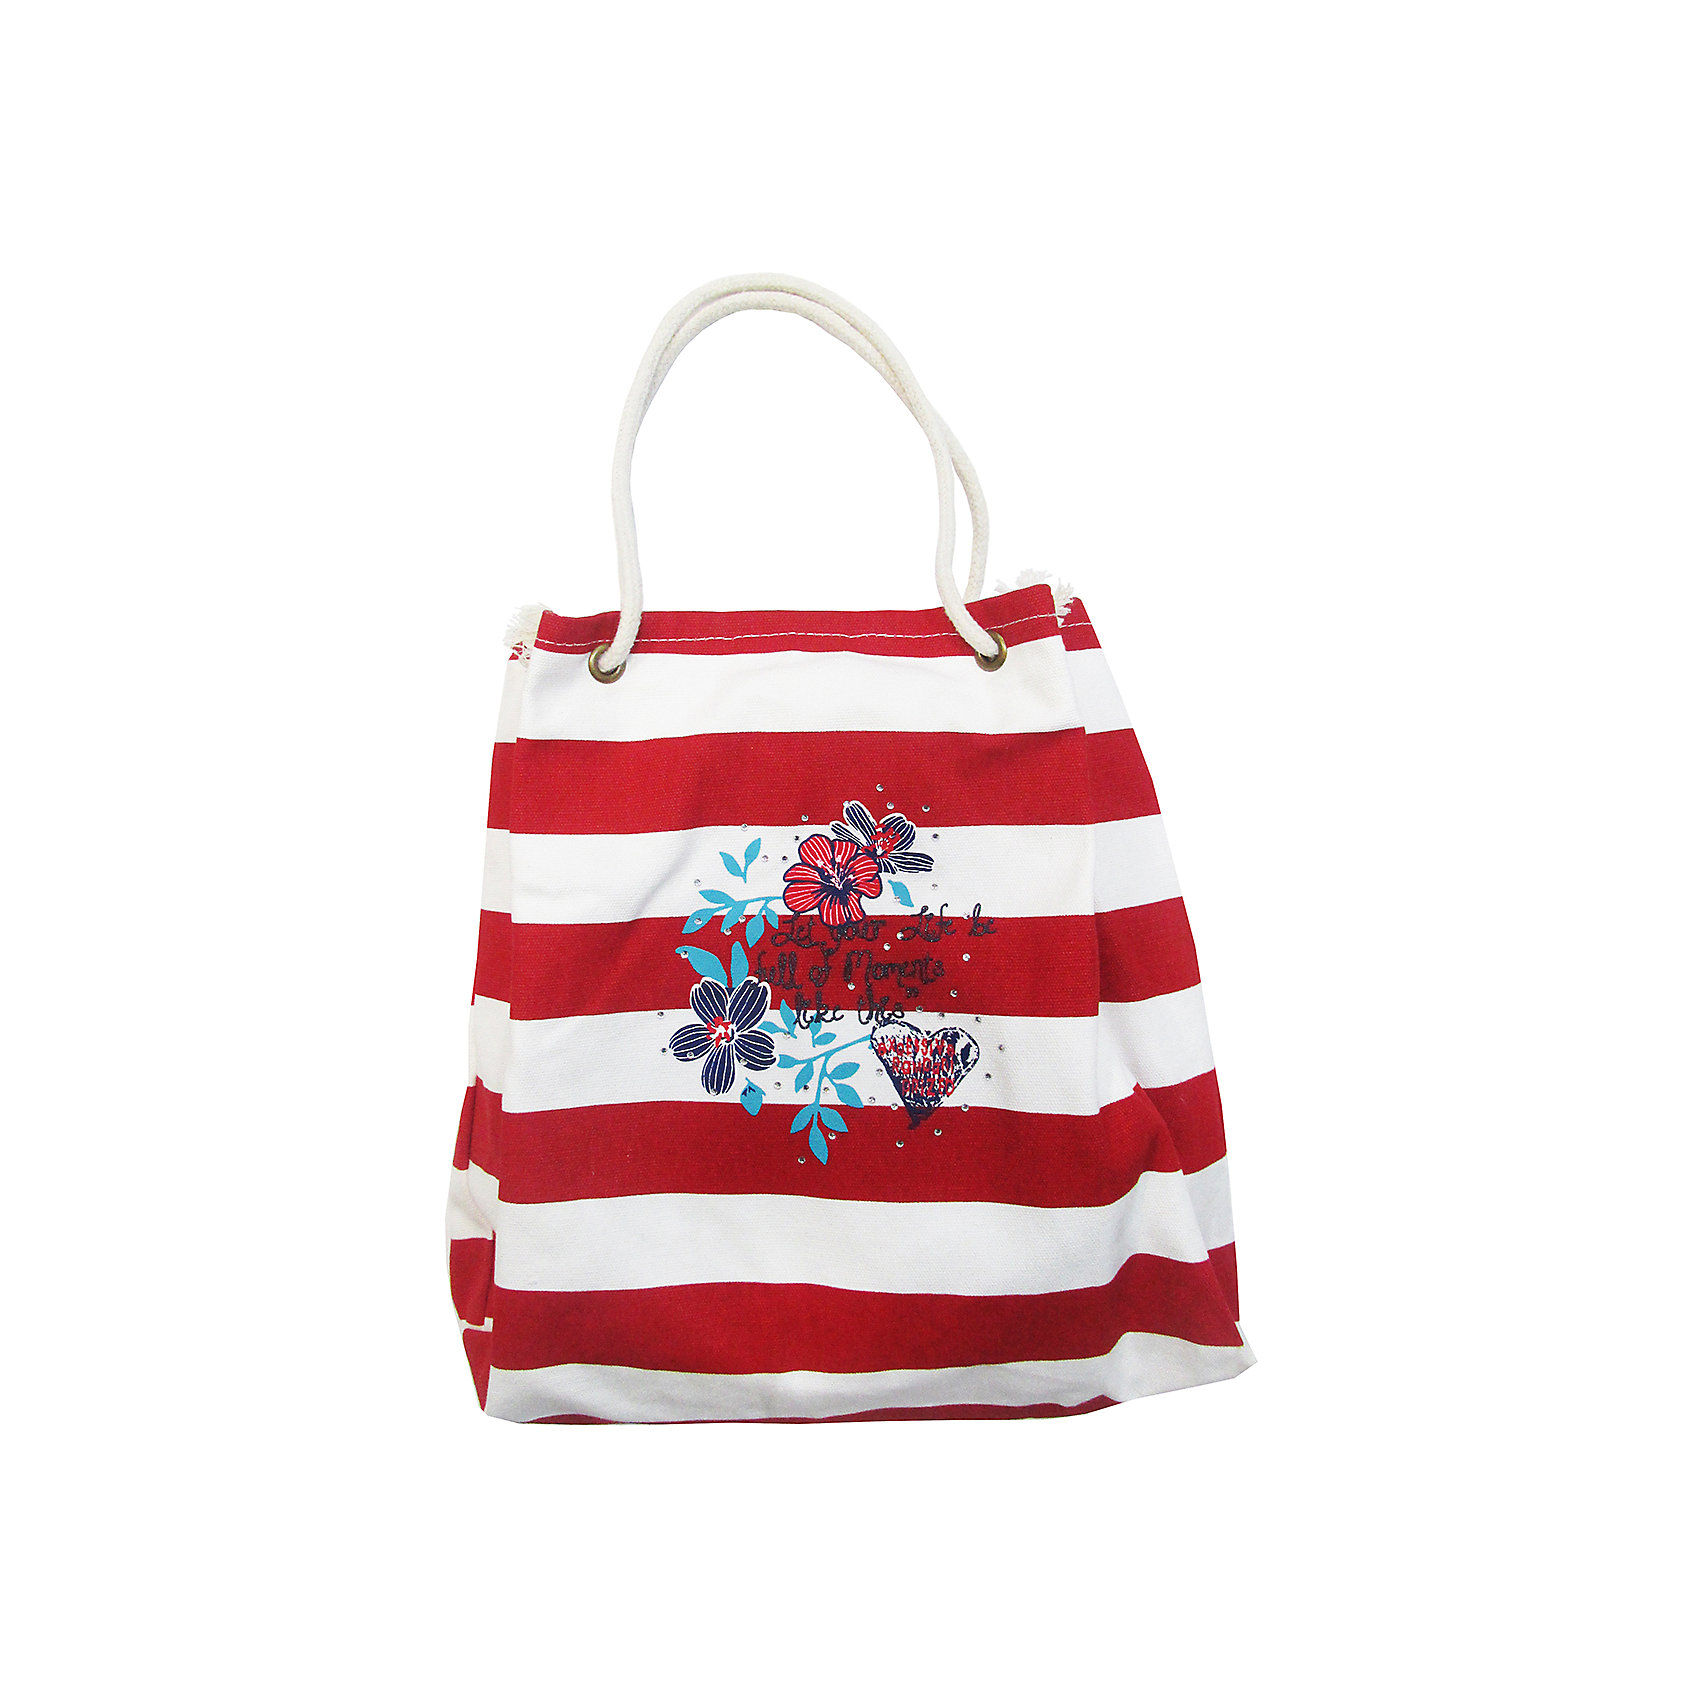 Сумка для девочки LuminosoАксессуары<br>Текстильная сумка для девочки в полоску декорированная цветочным принтом.<br>Состав:<br>100%хлопок,подкладка 100% полиэстер<br><br>Ширина мм: 170<br>Глубина мм: 157<br>Высота мм: 135<br>Вес г: 117<br>Цвет: разноцветный<br>Возраст от месяцев: 24<br>Возраст до месяцев: 144<br>Пол: Женский<br>Возраст: Детский<br>Размер: one size<br>SKU: 5413557